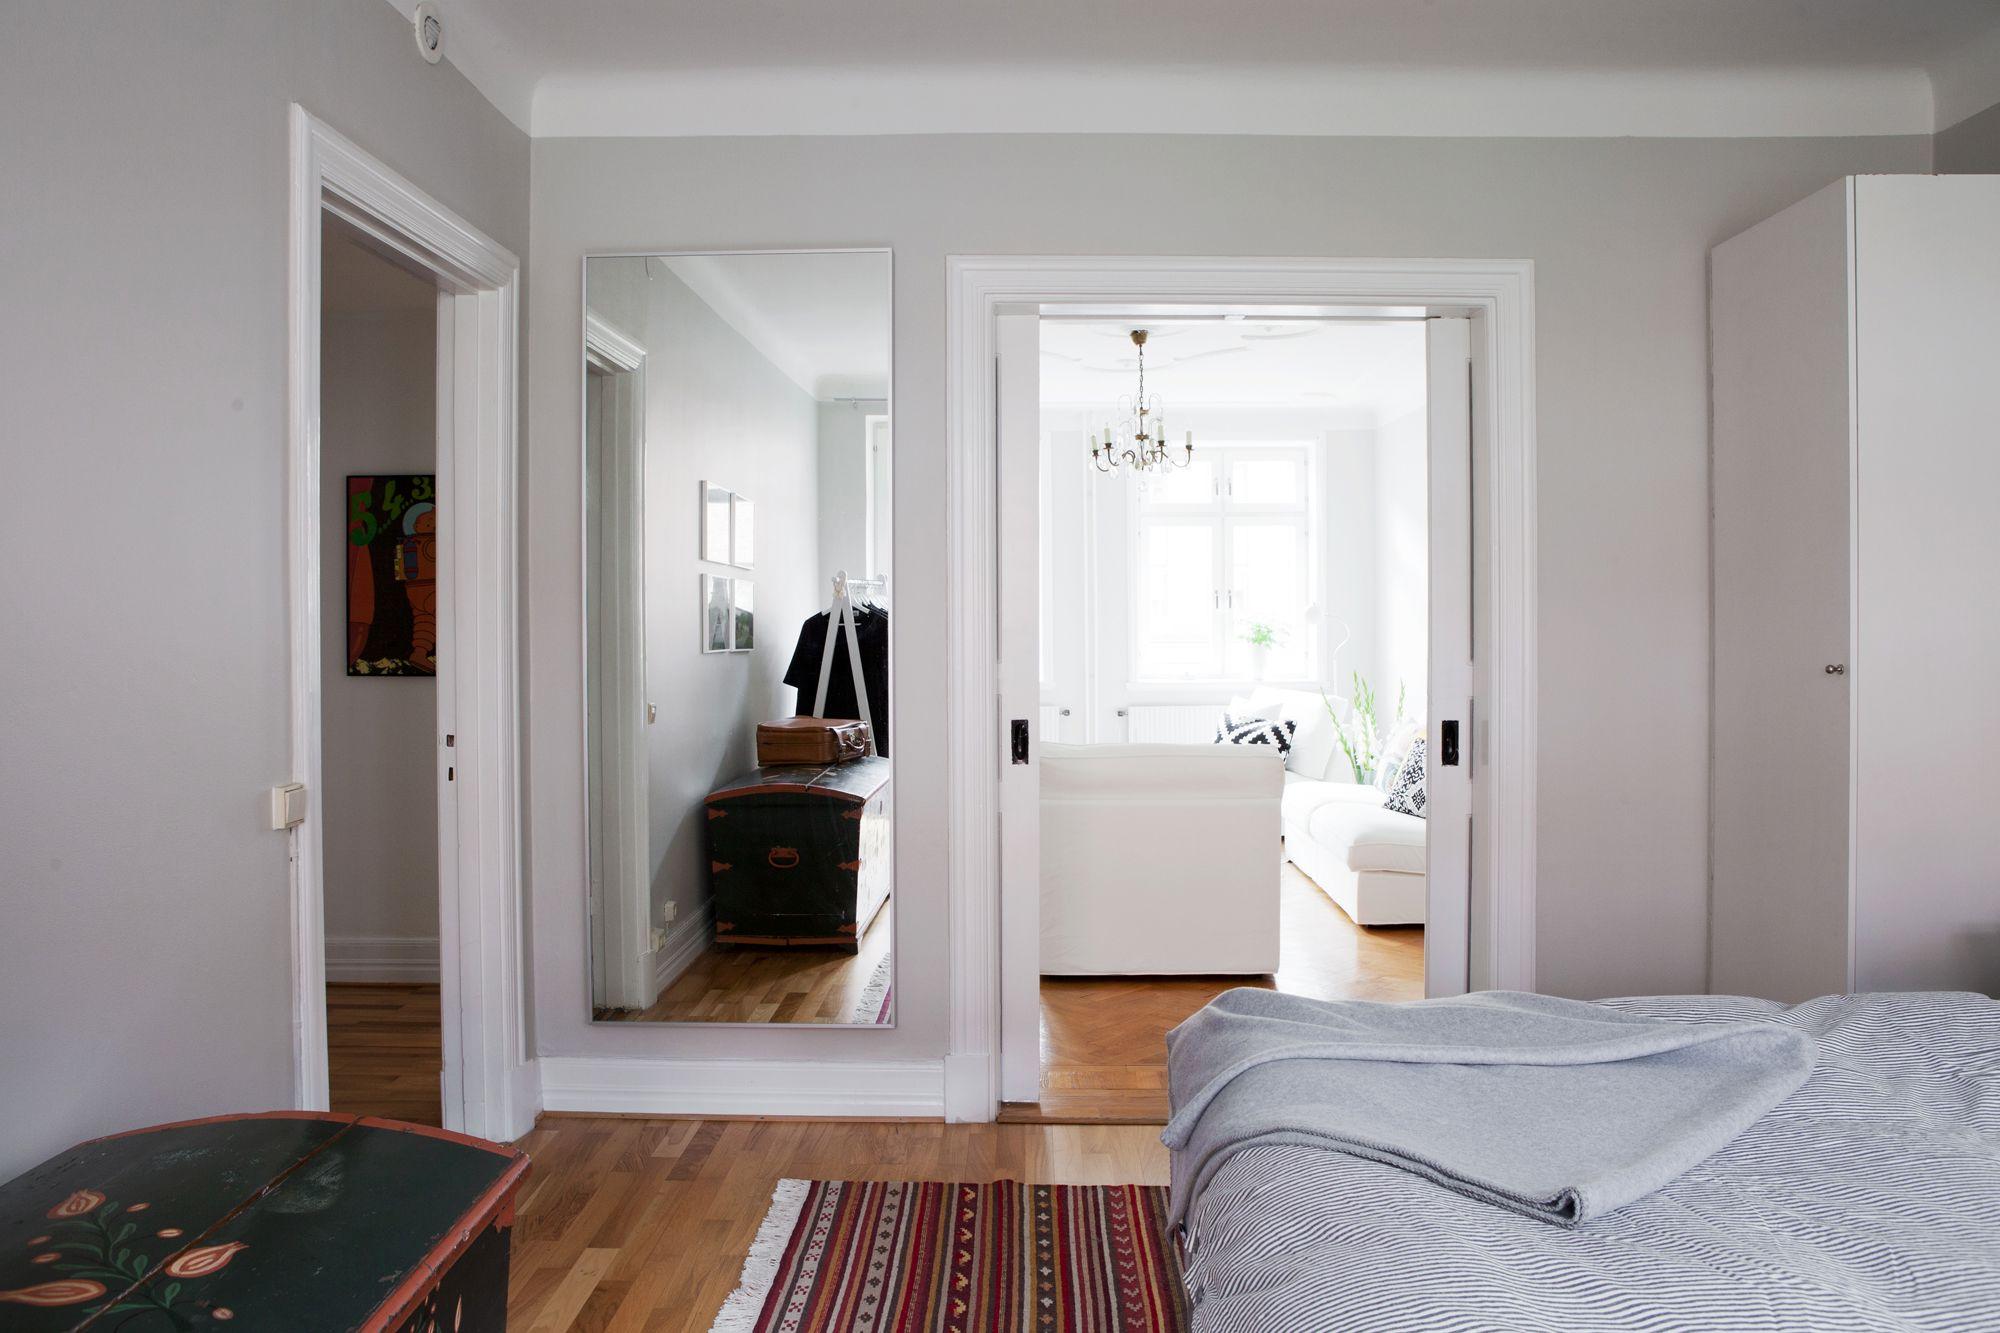 Decoracion En Paredes Grises ~ Paredes grises, muebles blancos, suelo de madera  Blog decoraci?n